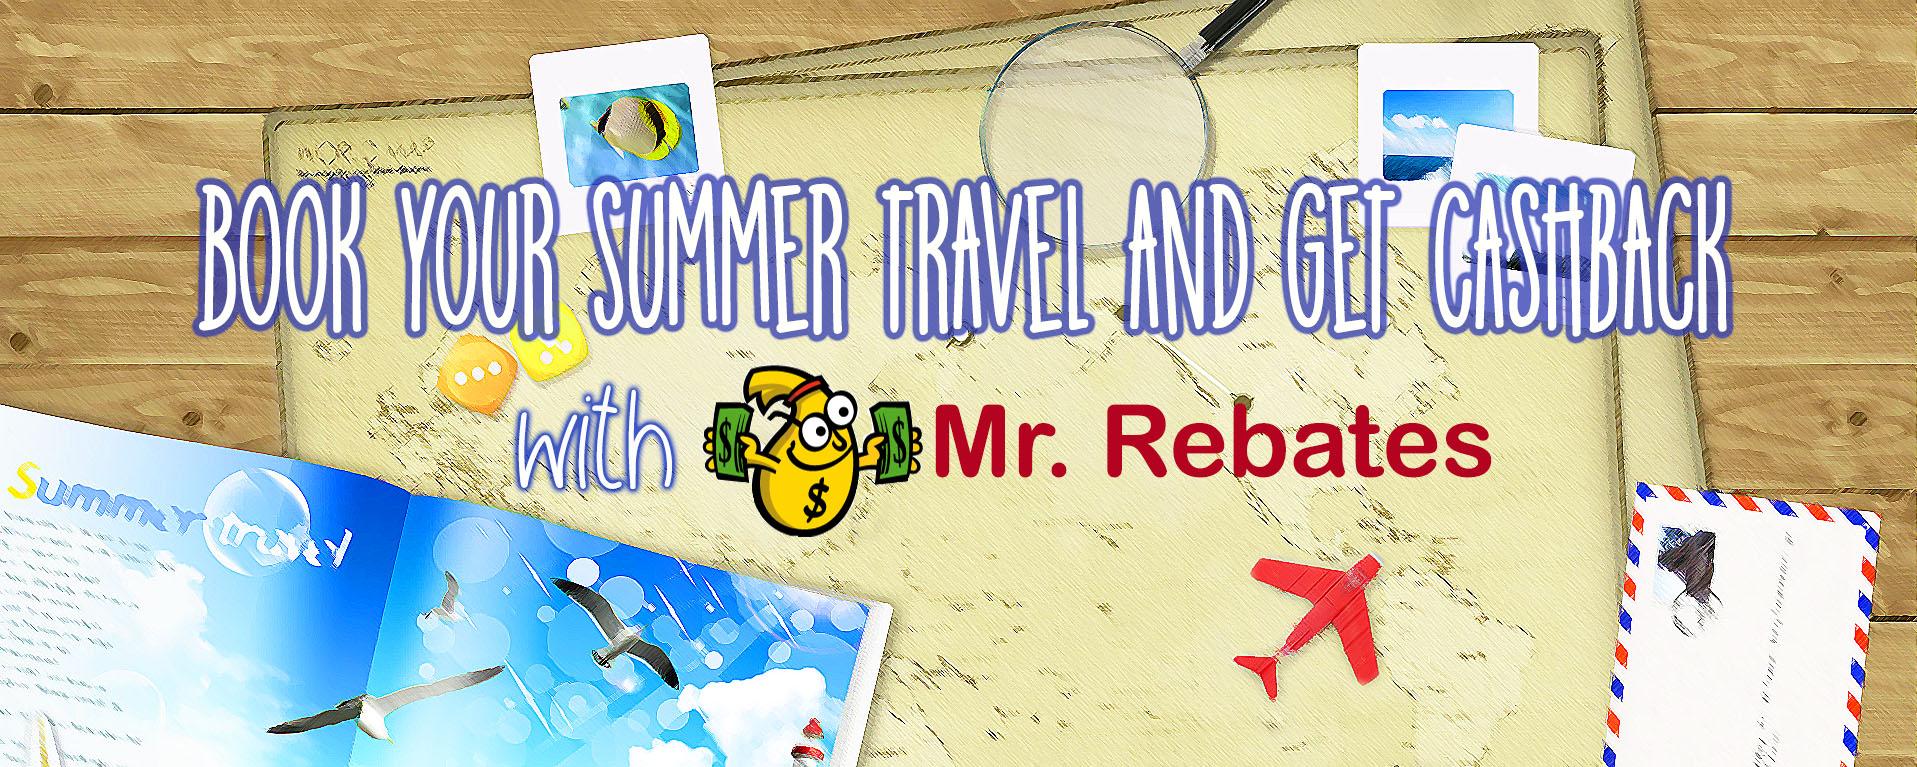 Shop thru Mr. Rebates for your summer travel plan and get cashback!